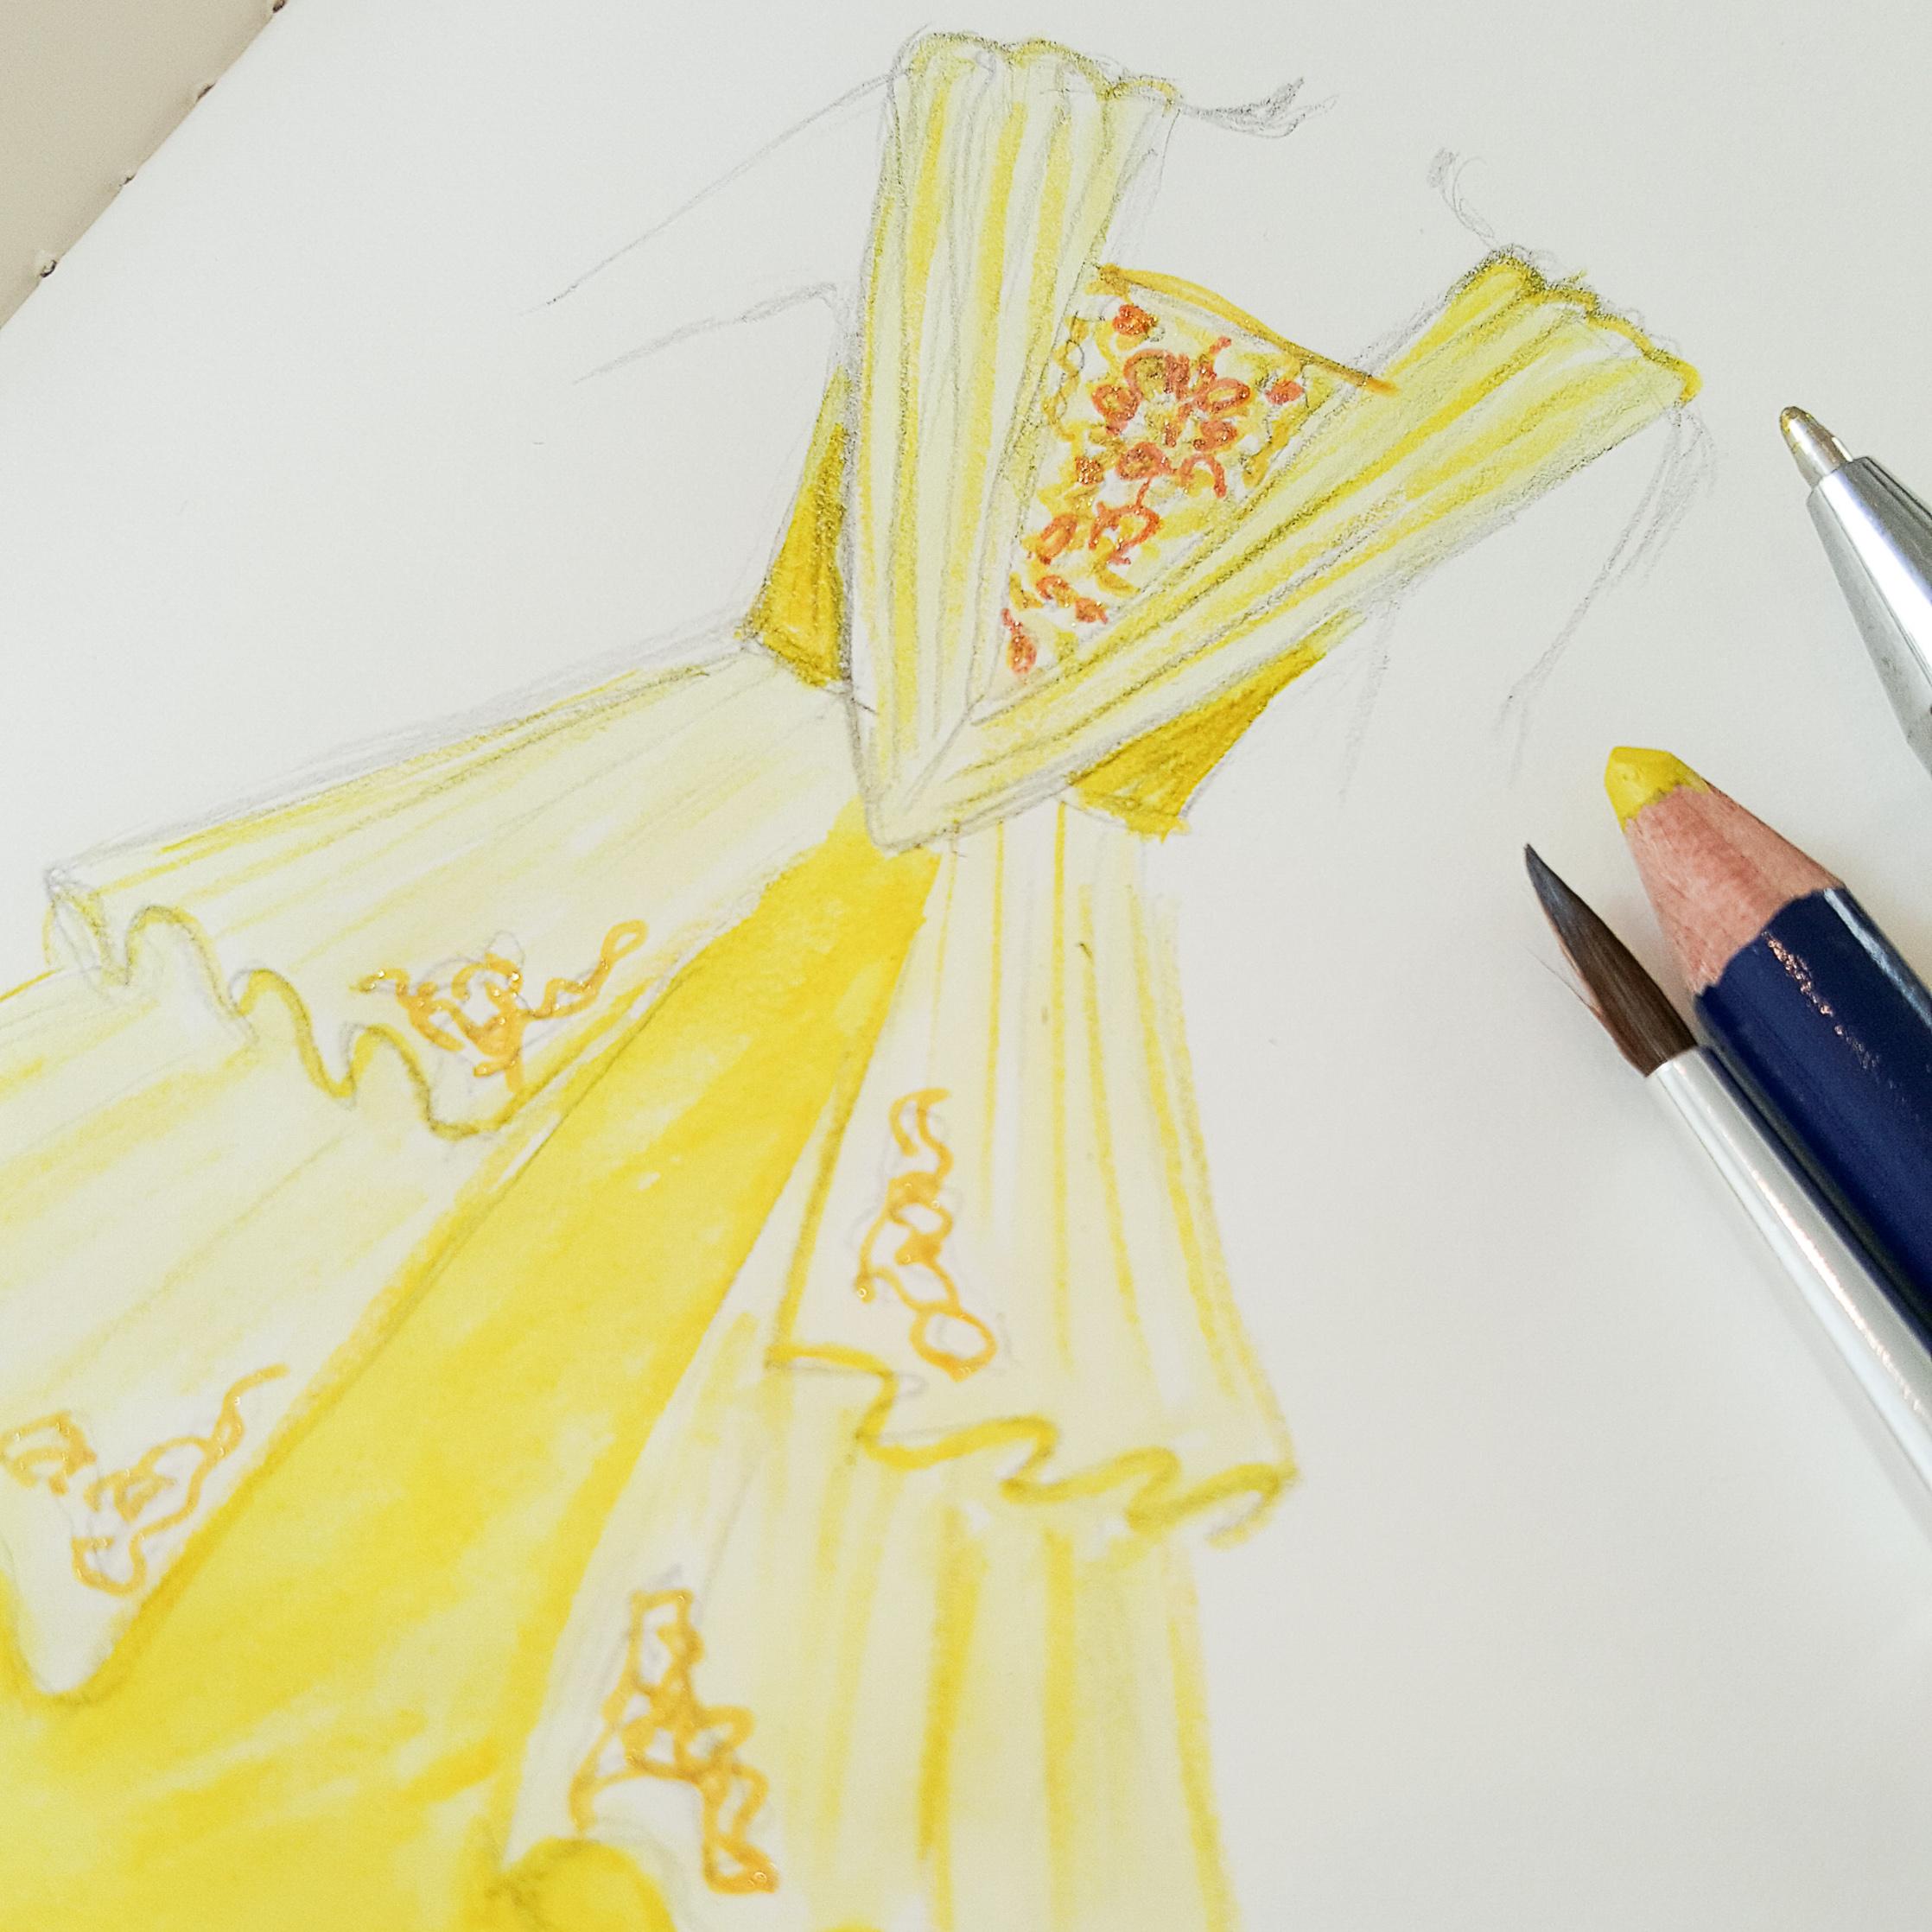 belle sketch-1.jpg